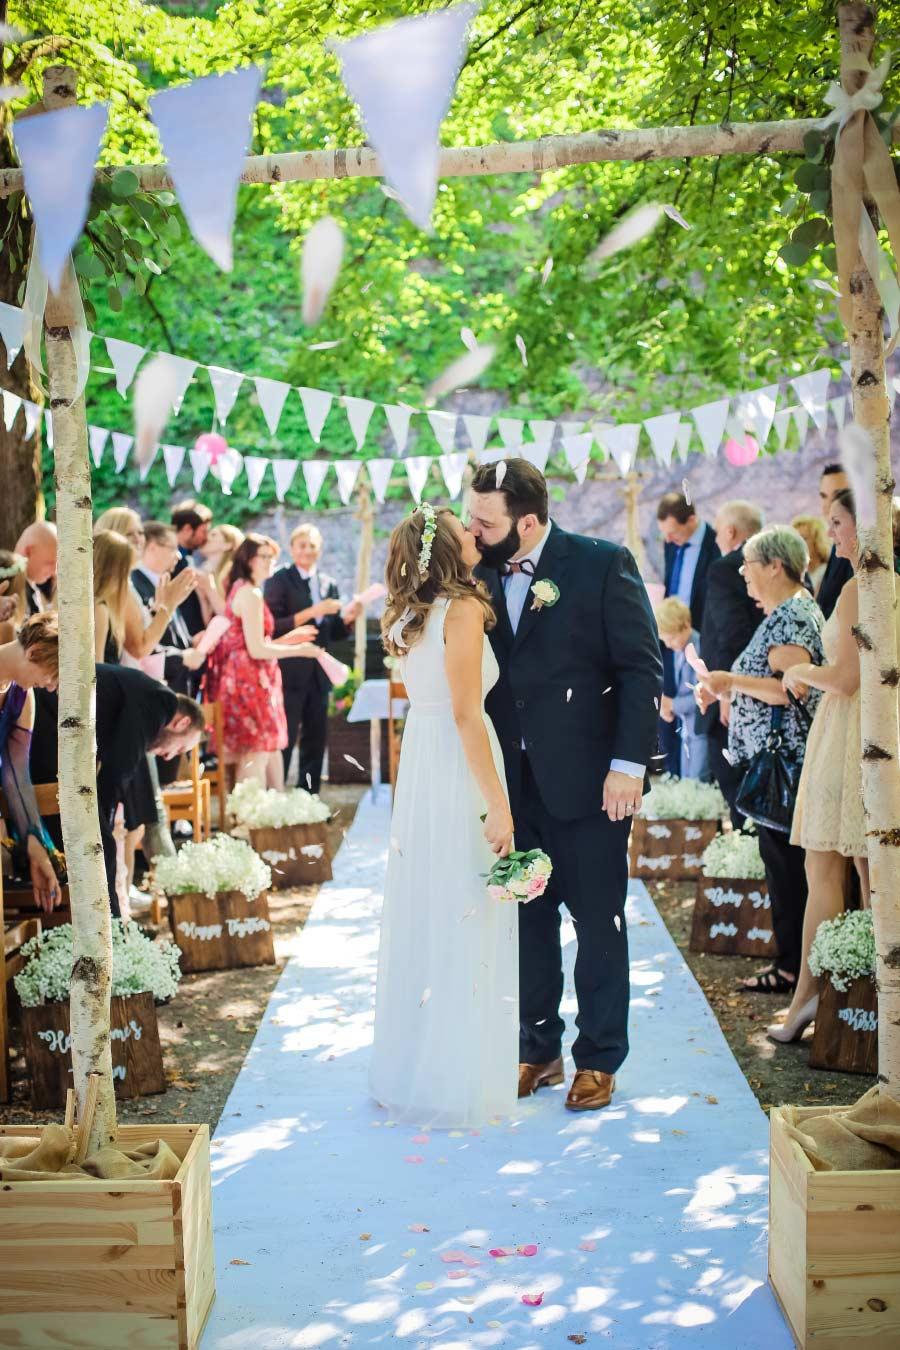 Hof-Hochzeit-von-Nicolina-und-Juergen-mit-freier-Trauung-25